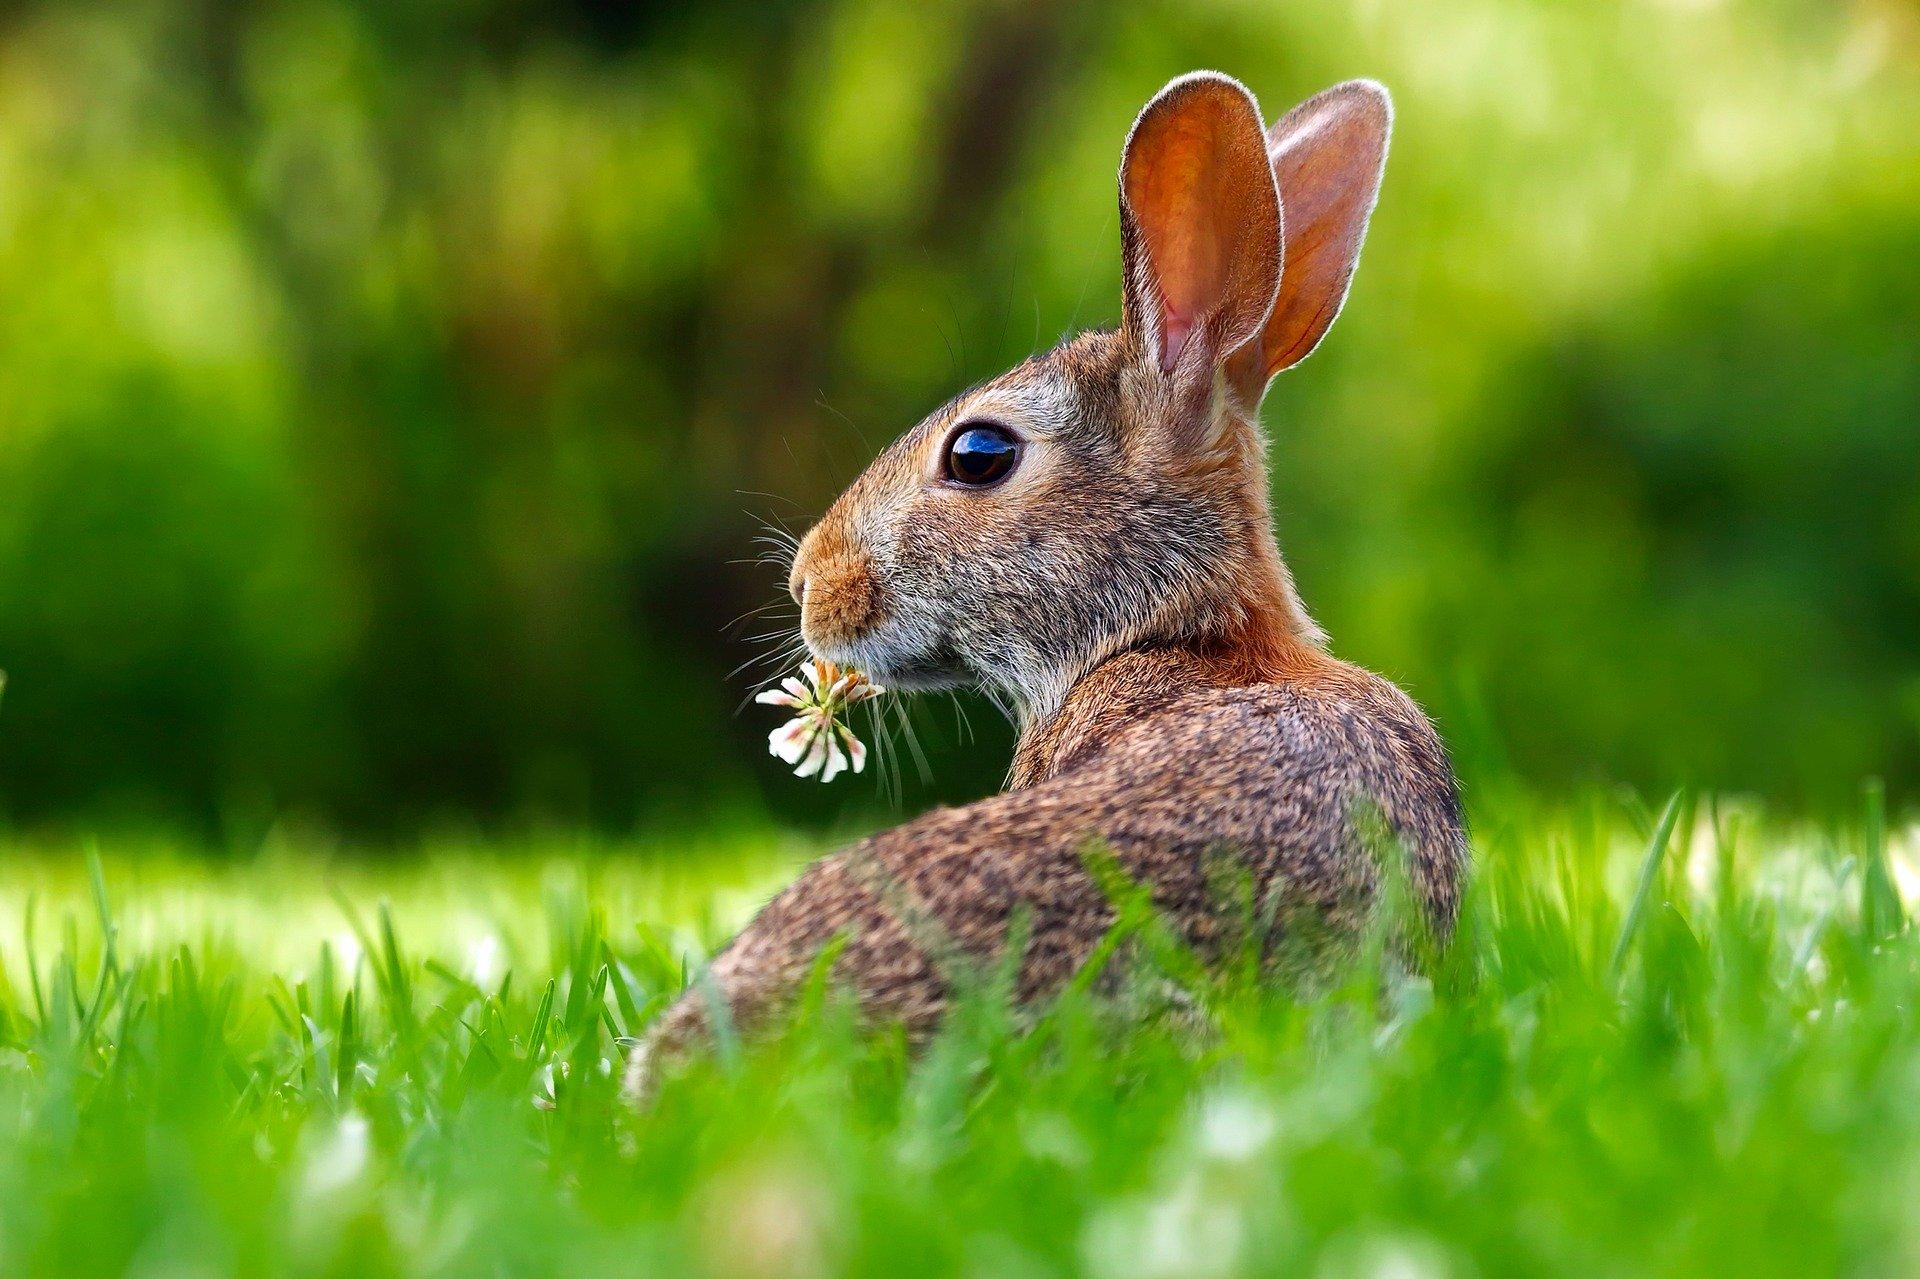 animales exoticos conejos